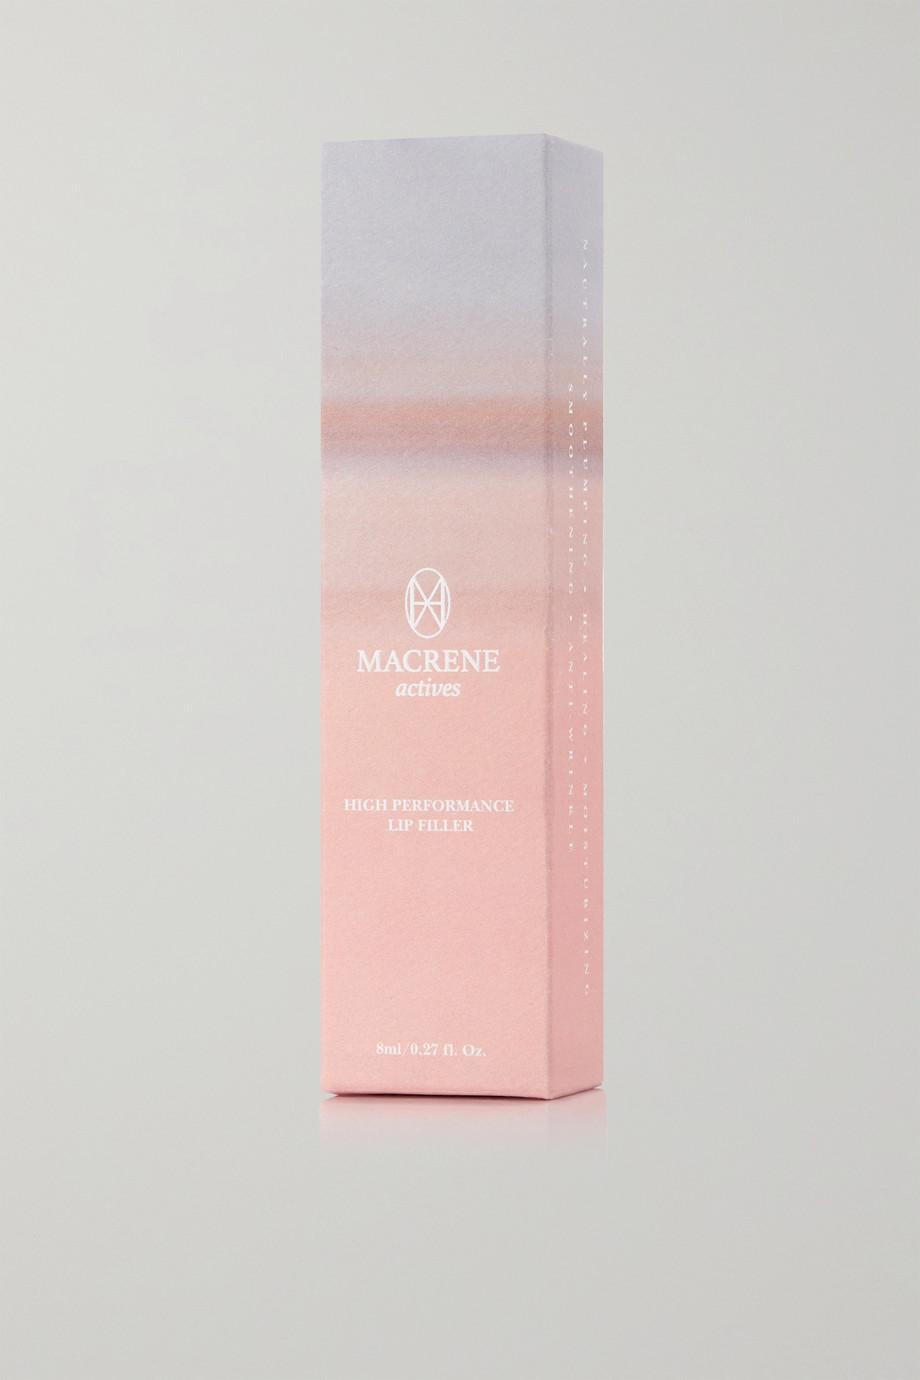 Macrene Actives High Performance Lip Filler, 8ml